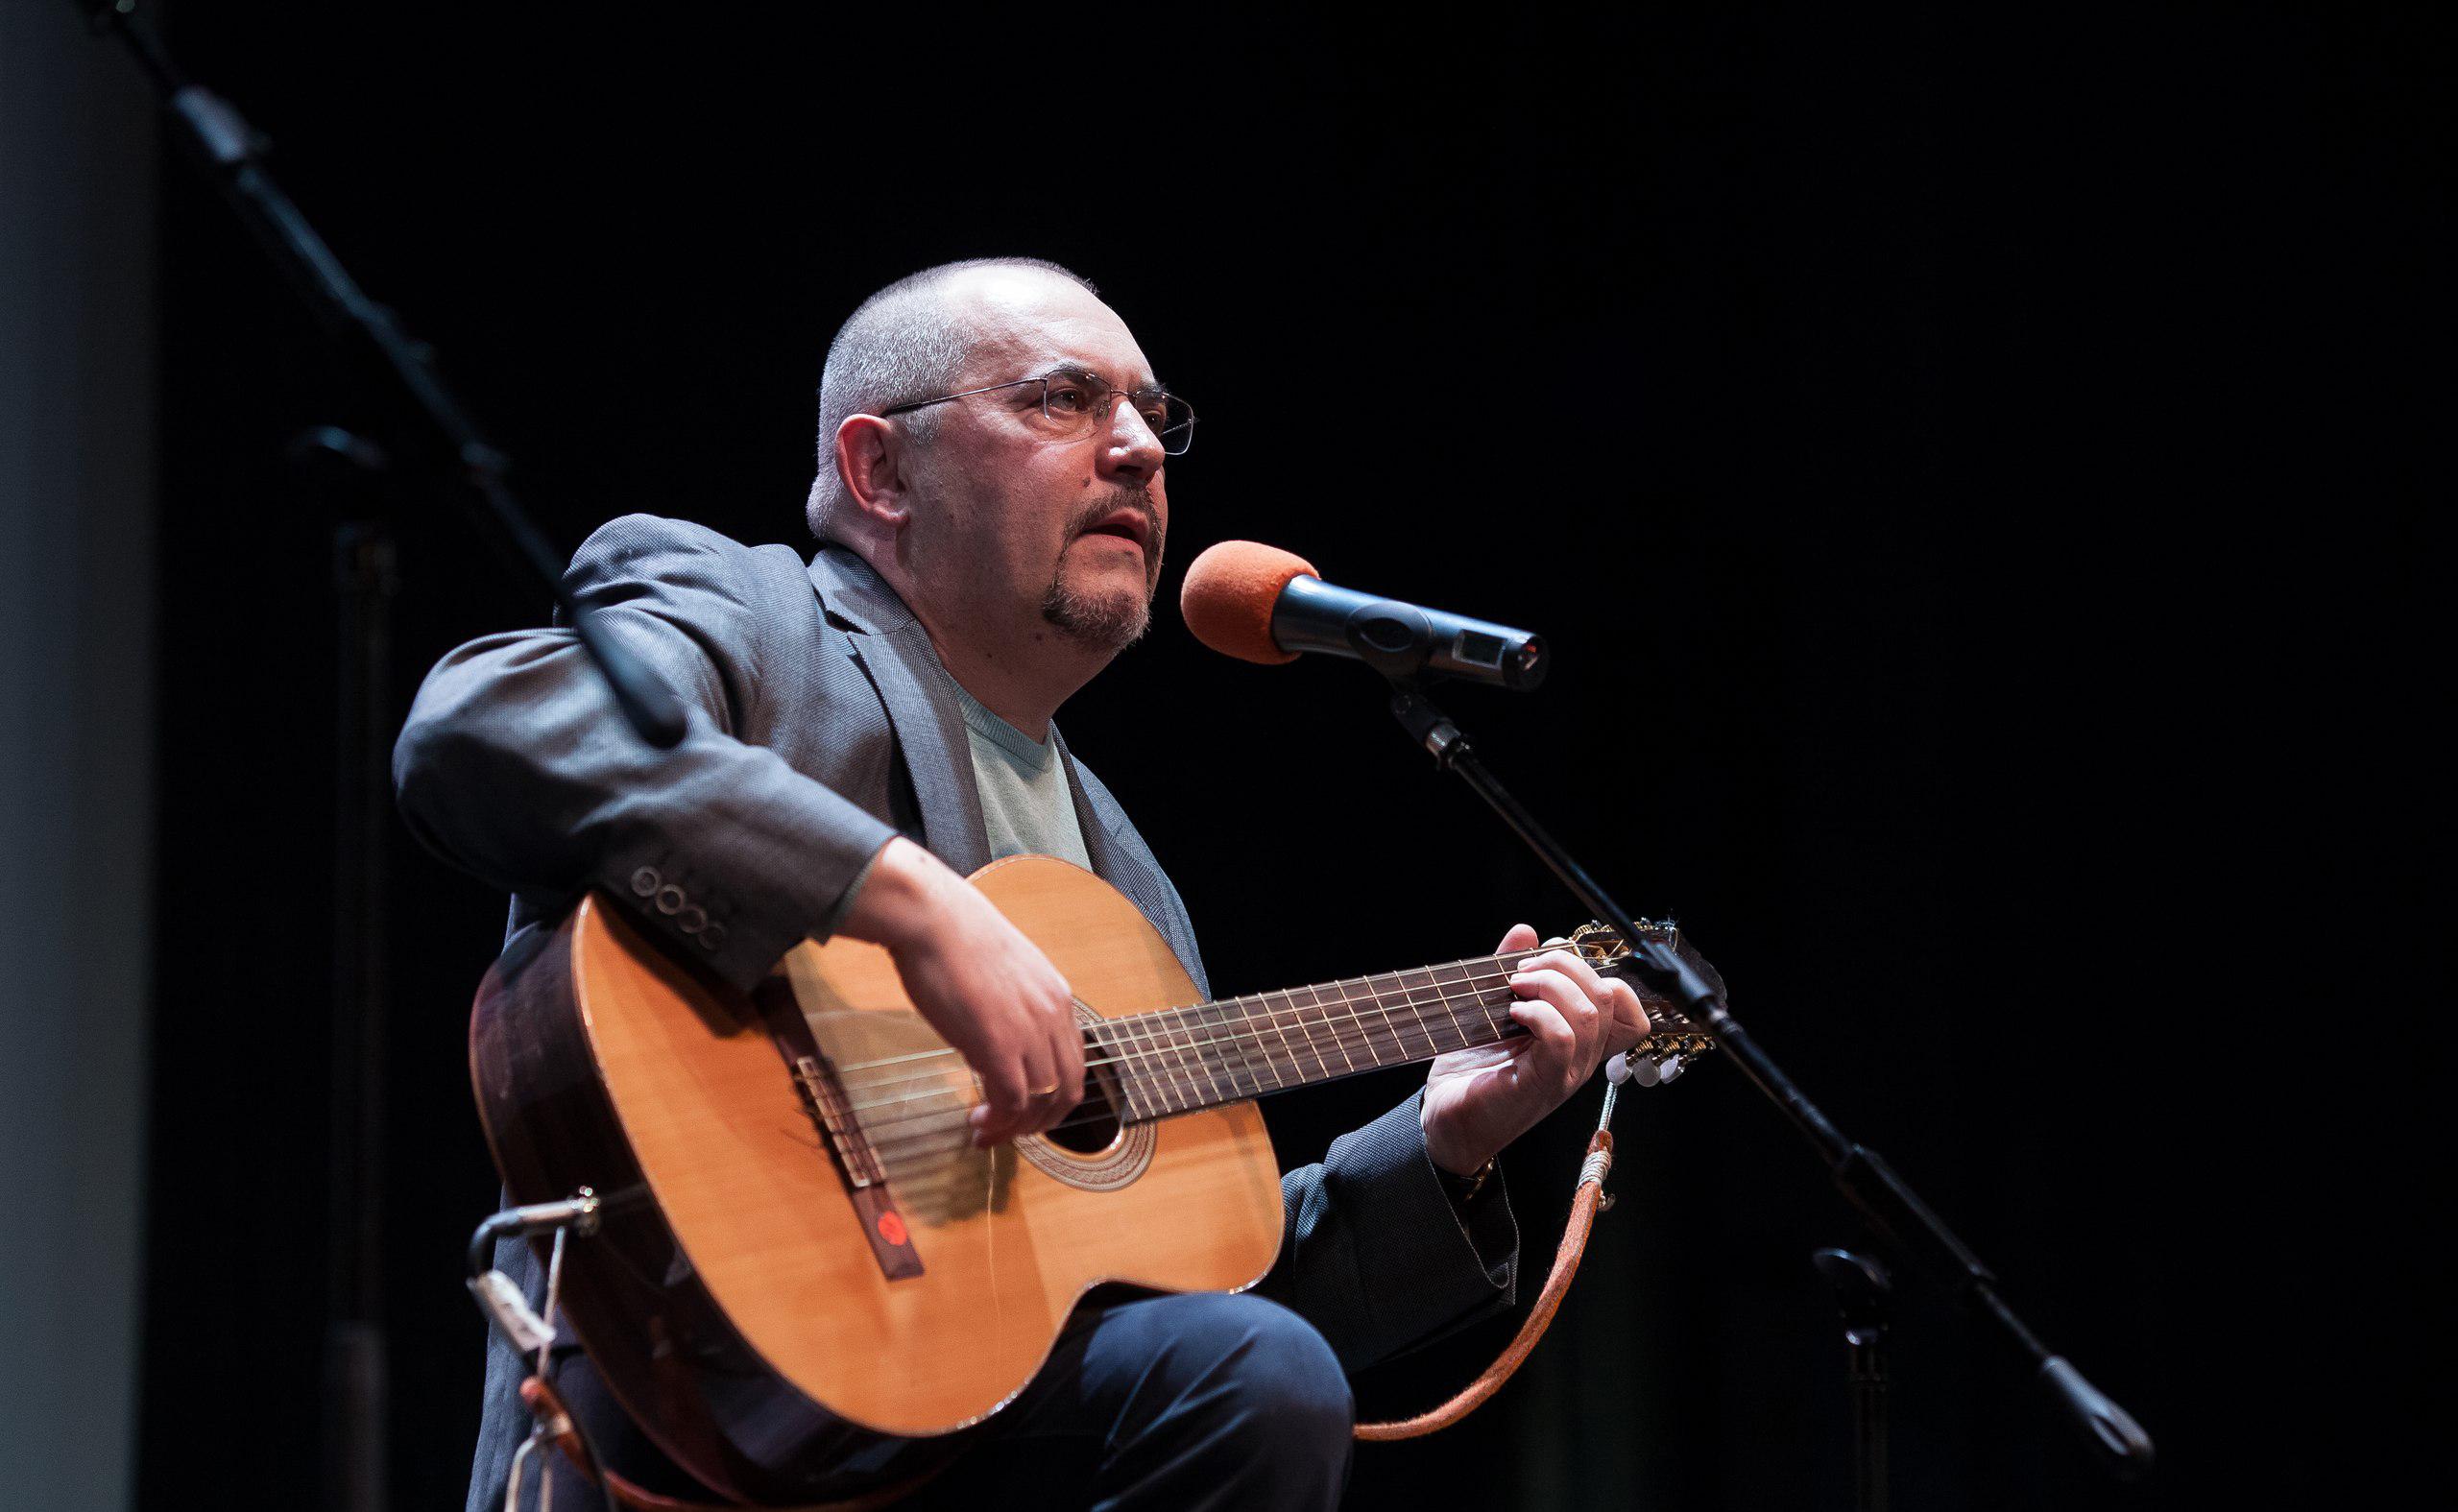 Борис Надеждин играет на гитаре